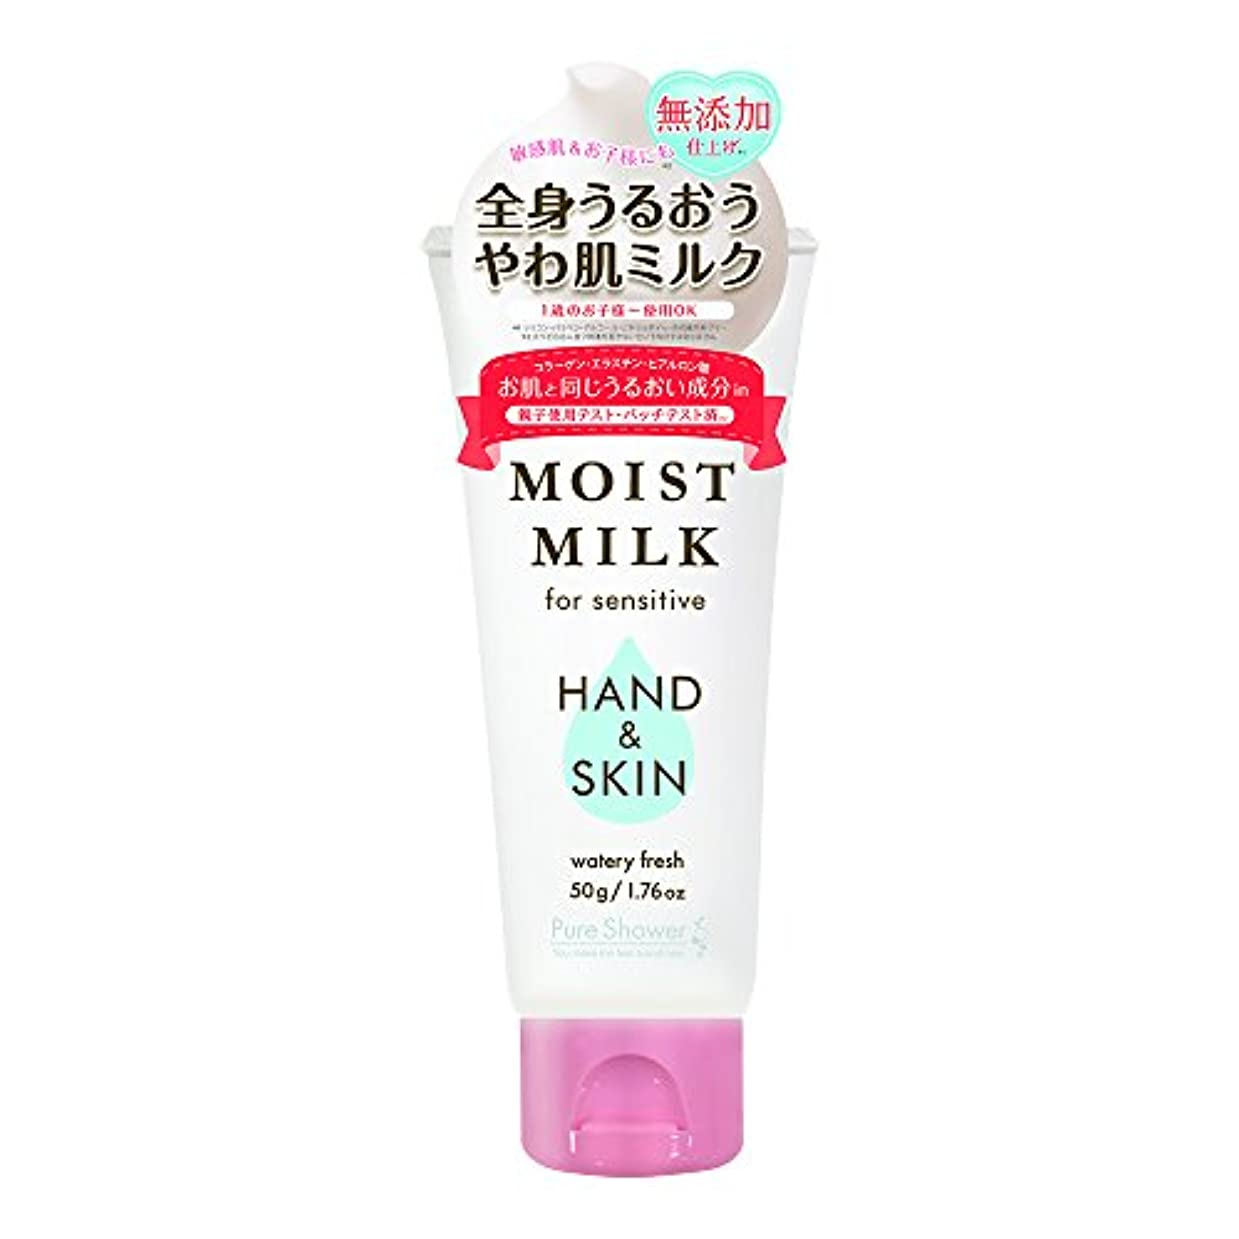 疑い者更新日付付きPure Shower(ピュアシャワー) ハンド&スキンミルク 50g(ミニサイズ)